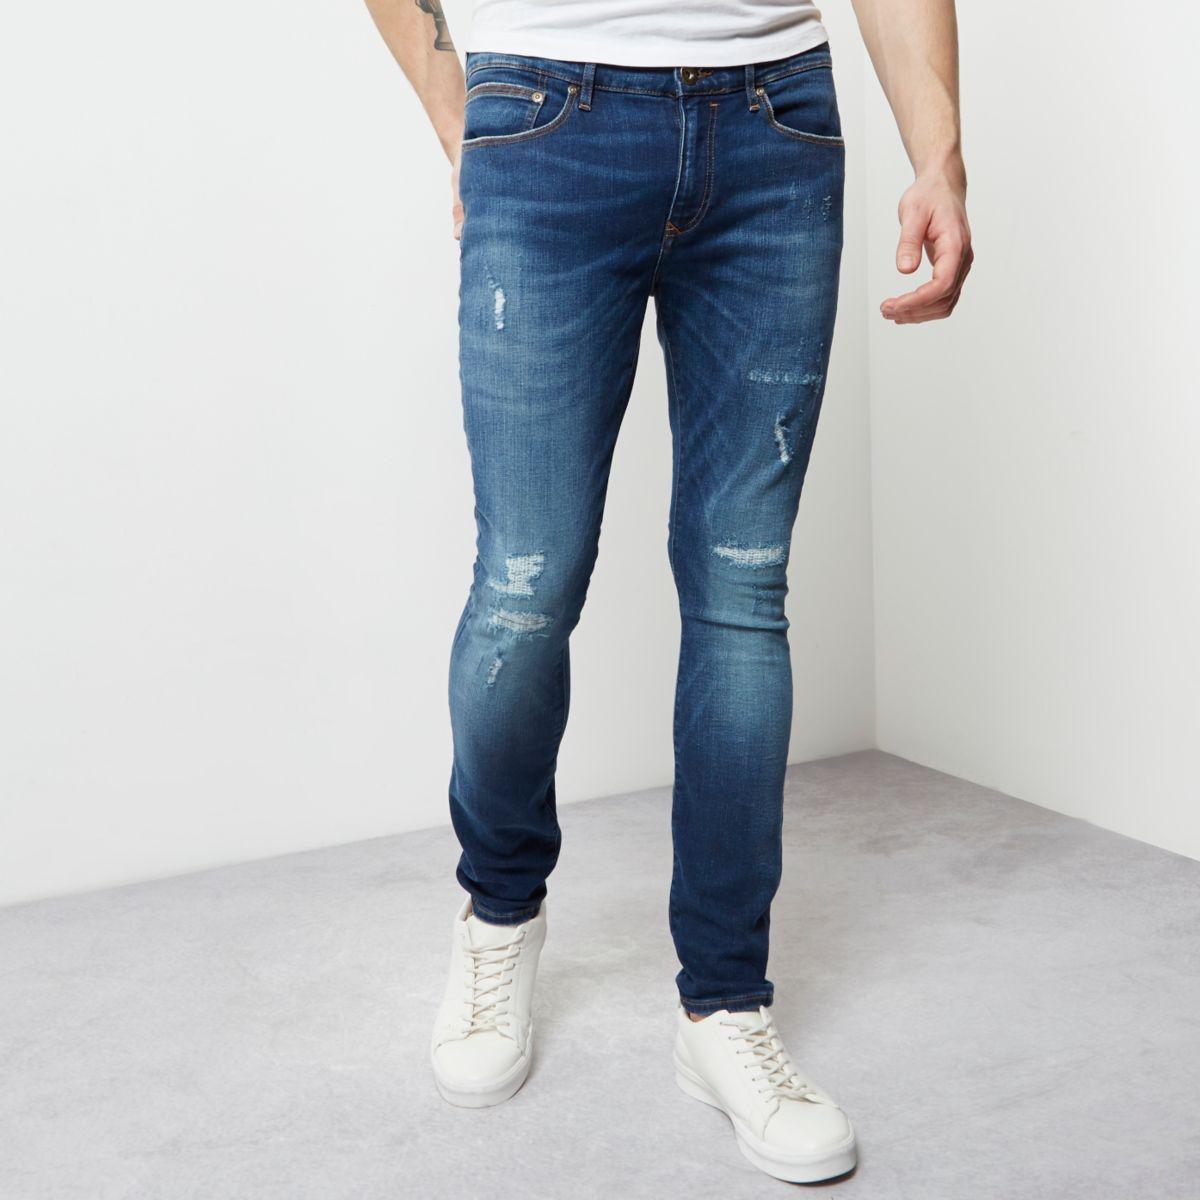 Danny - Blauwe wash skinny jeans met kleurverloop